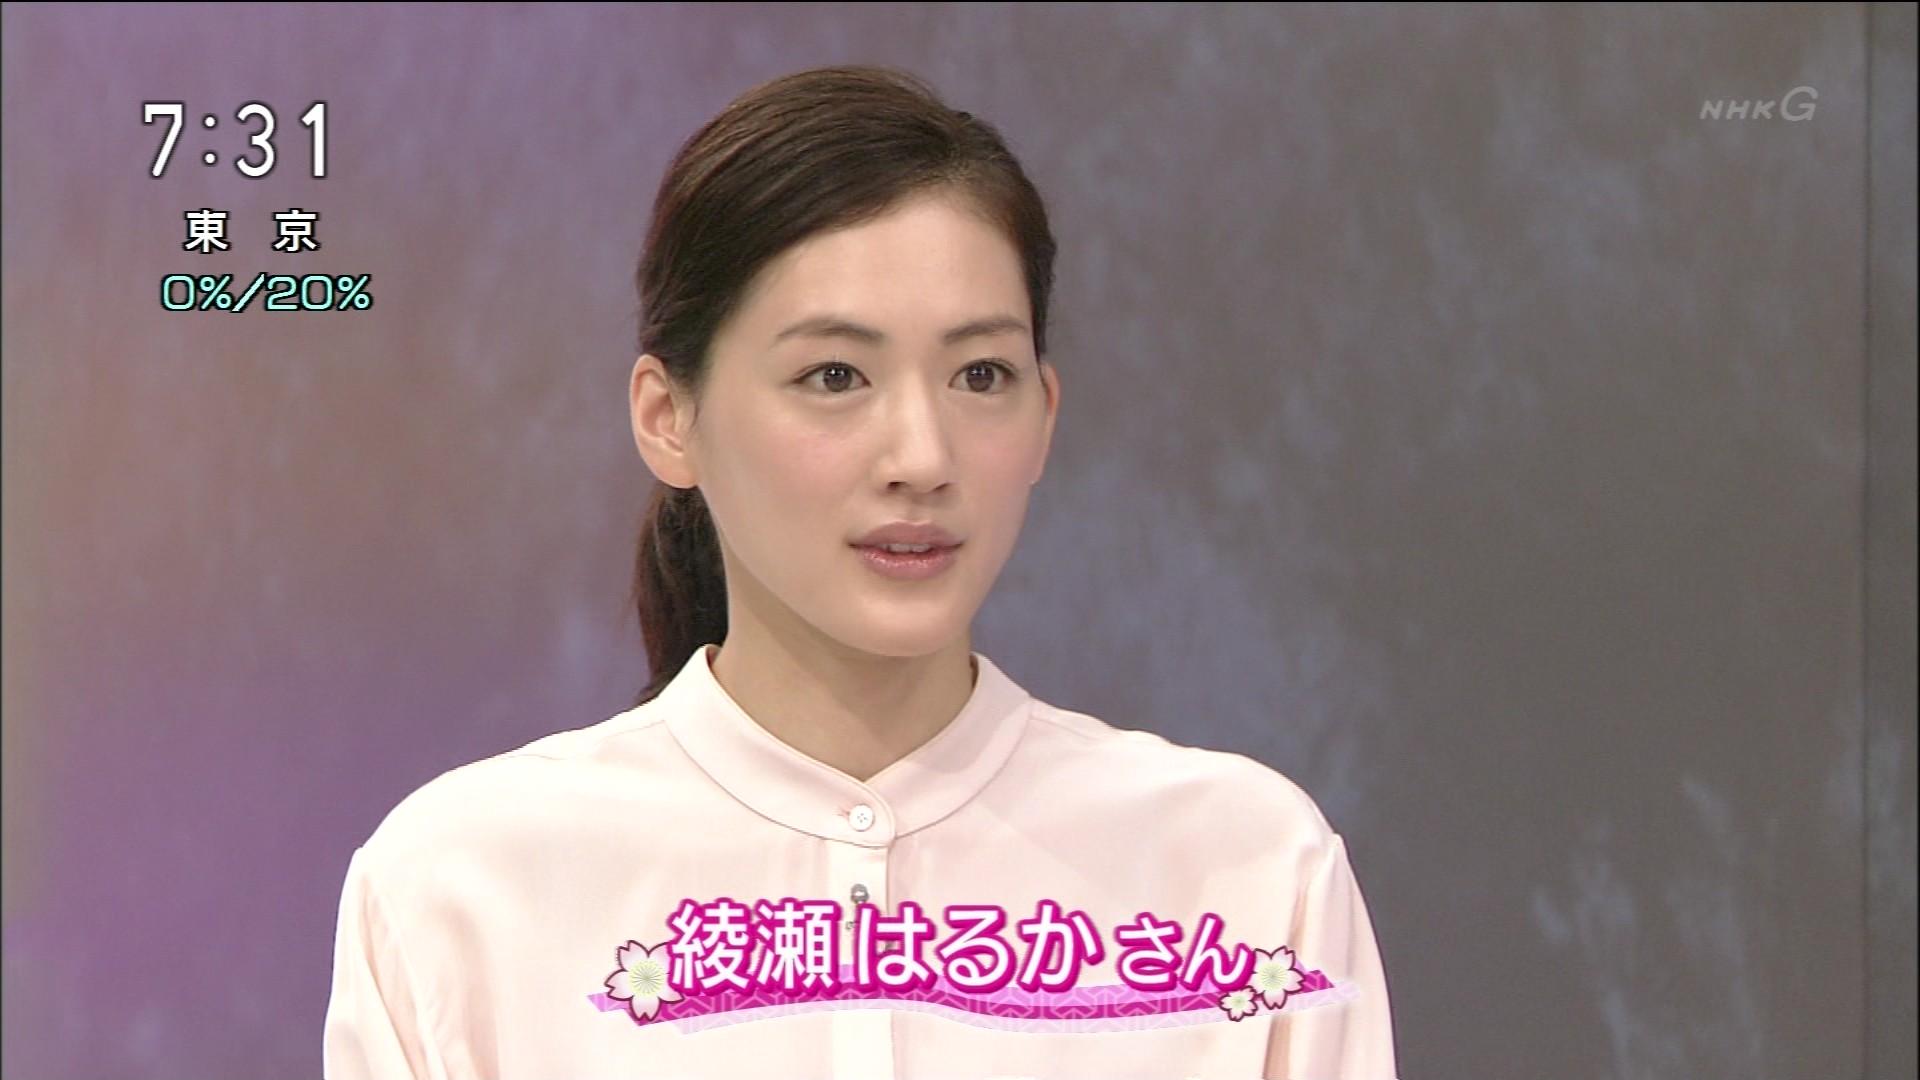 綾瀬はるか 日本 内容「八重の桜」の番宣で 綾瀬 ...